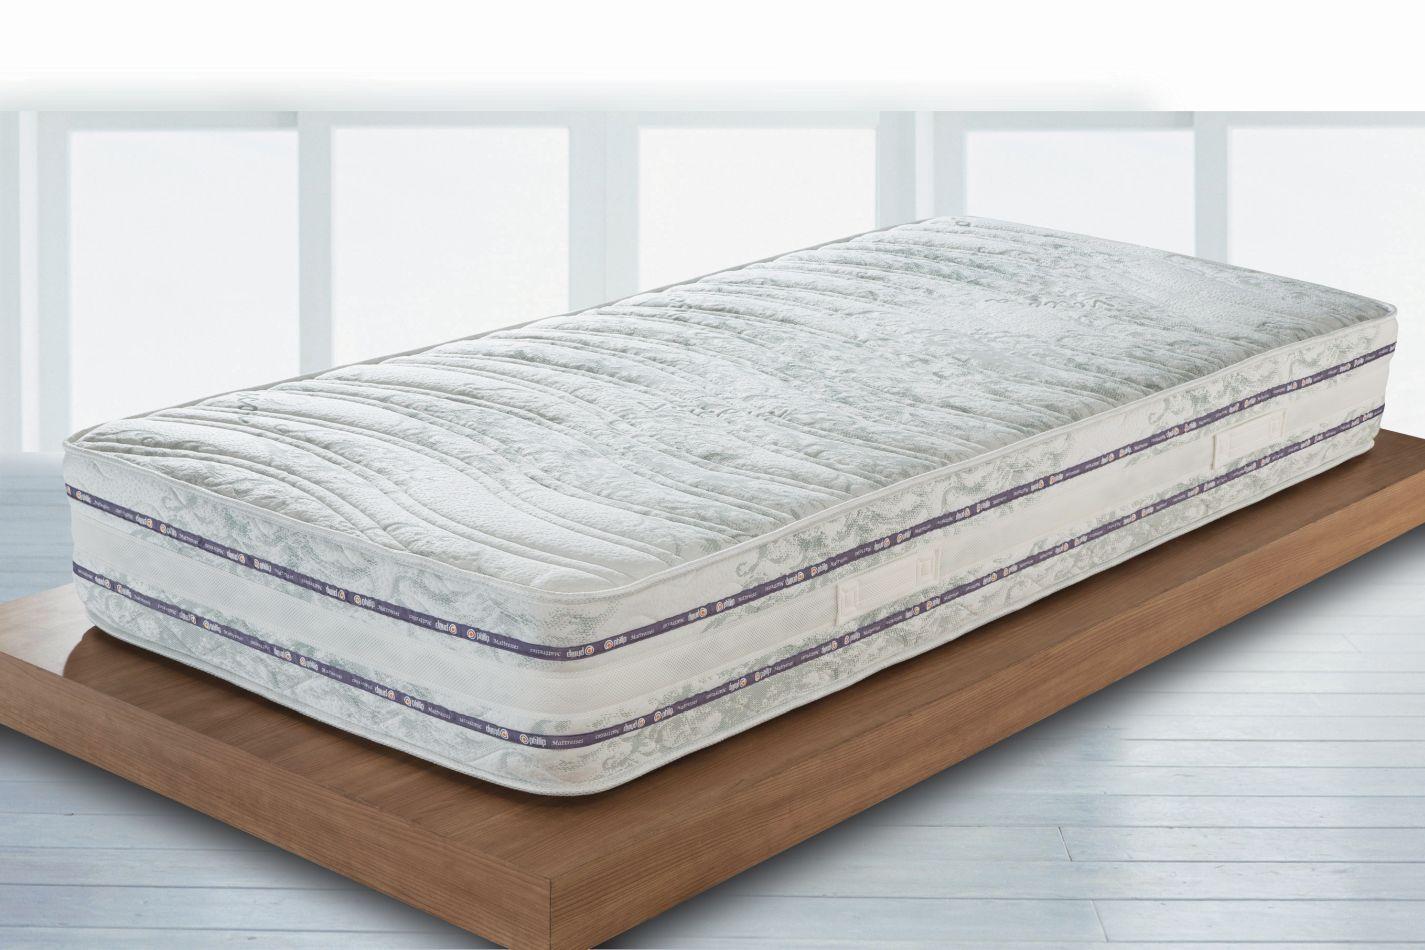 Matratze Balance mit Taschen Federkern - Abmessungen: 80 x 190 cm